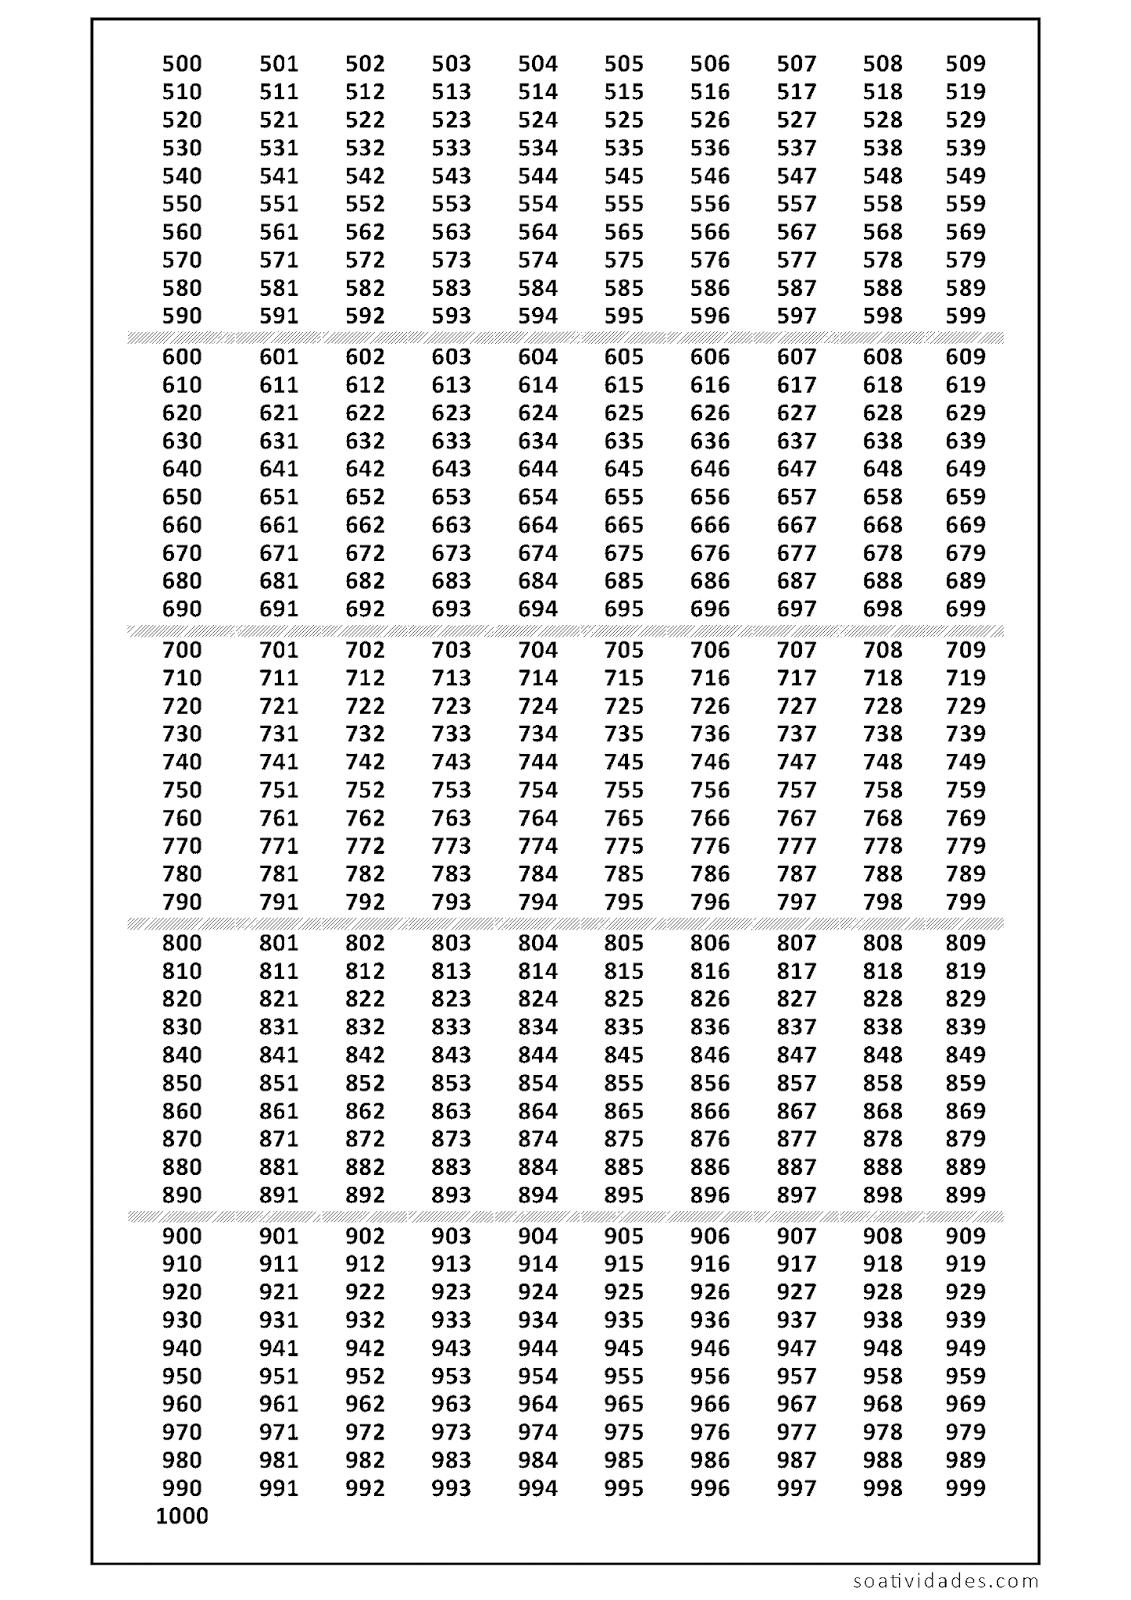 Numerais do 500 ao 1000